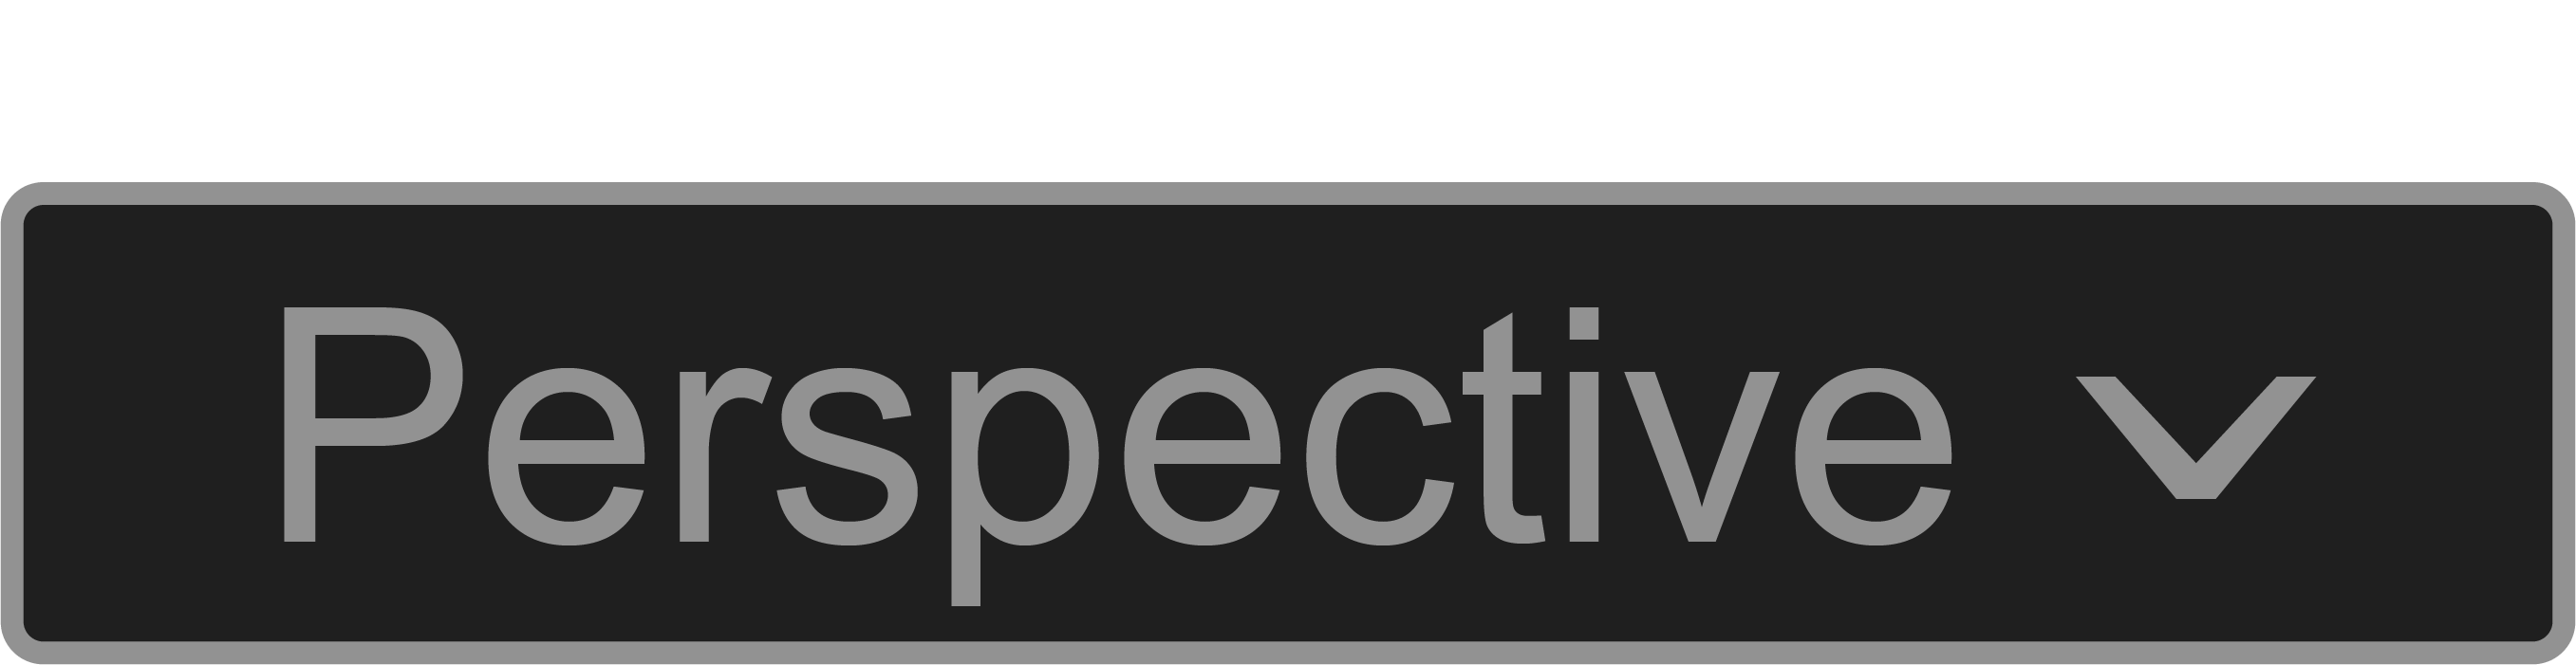 Knop voor de modus perspective bij het stabiliseren van videobeelden met BlackMagic Design DaVinci Resolve.